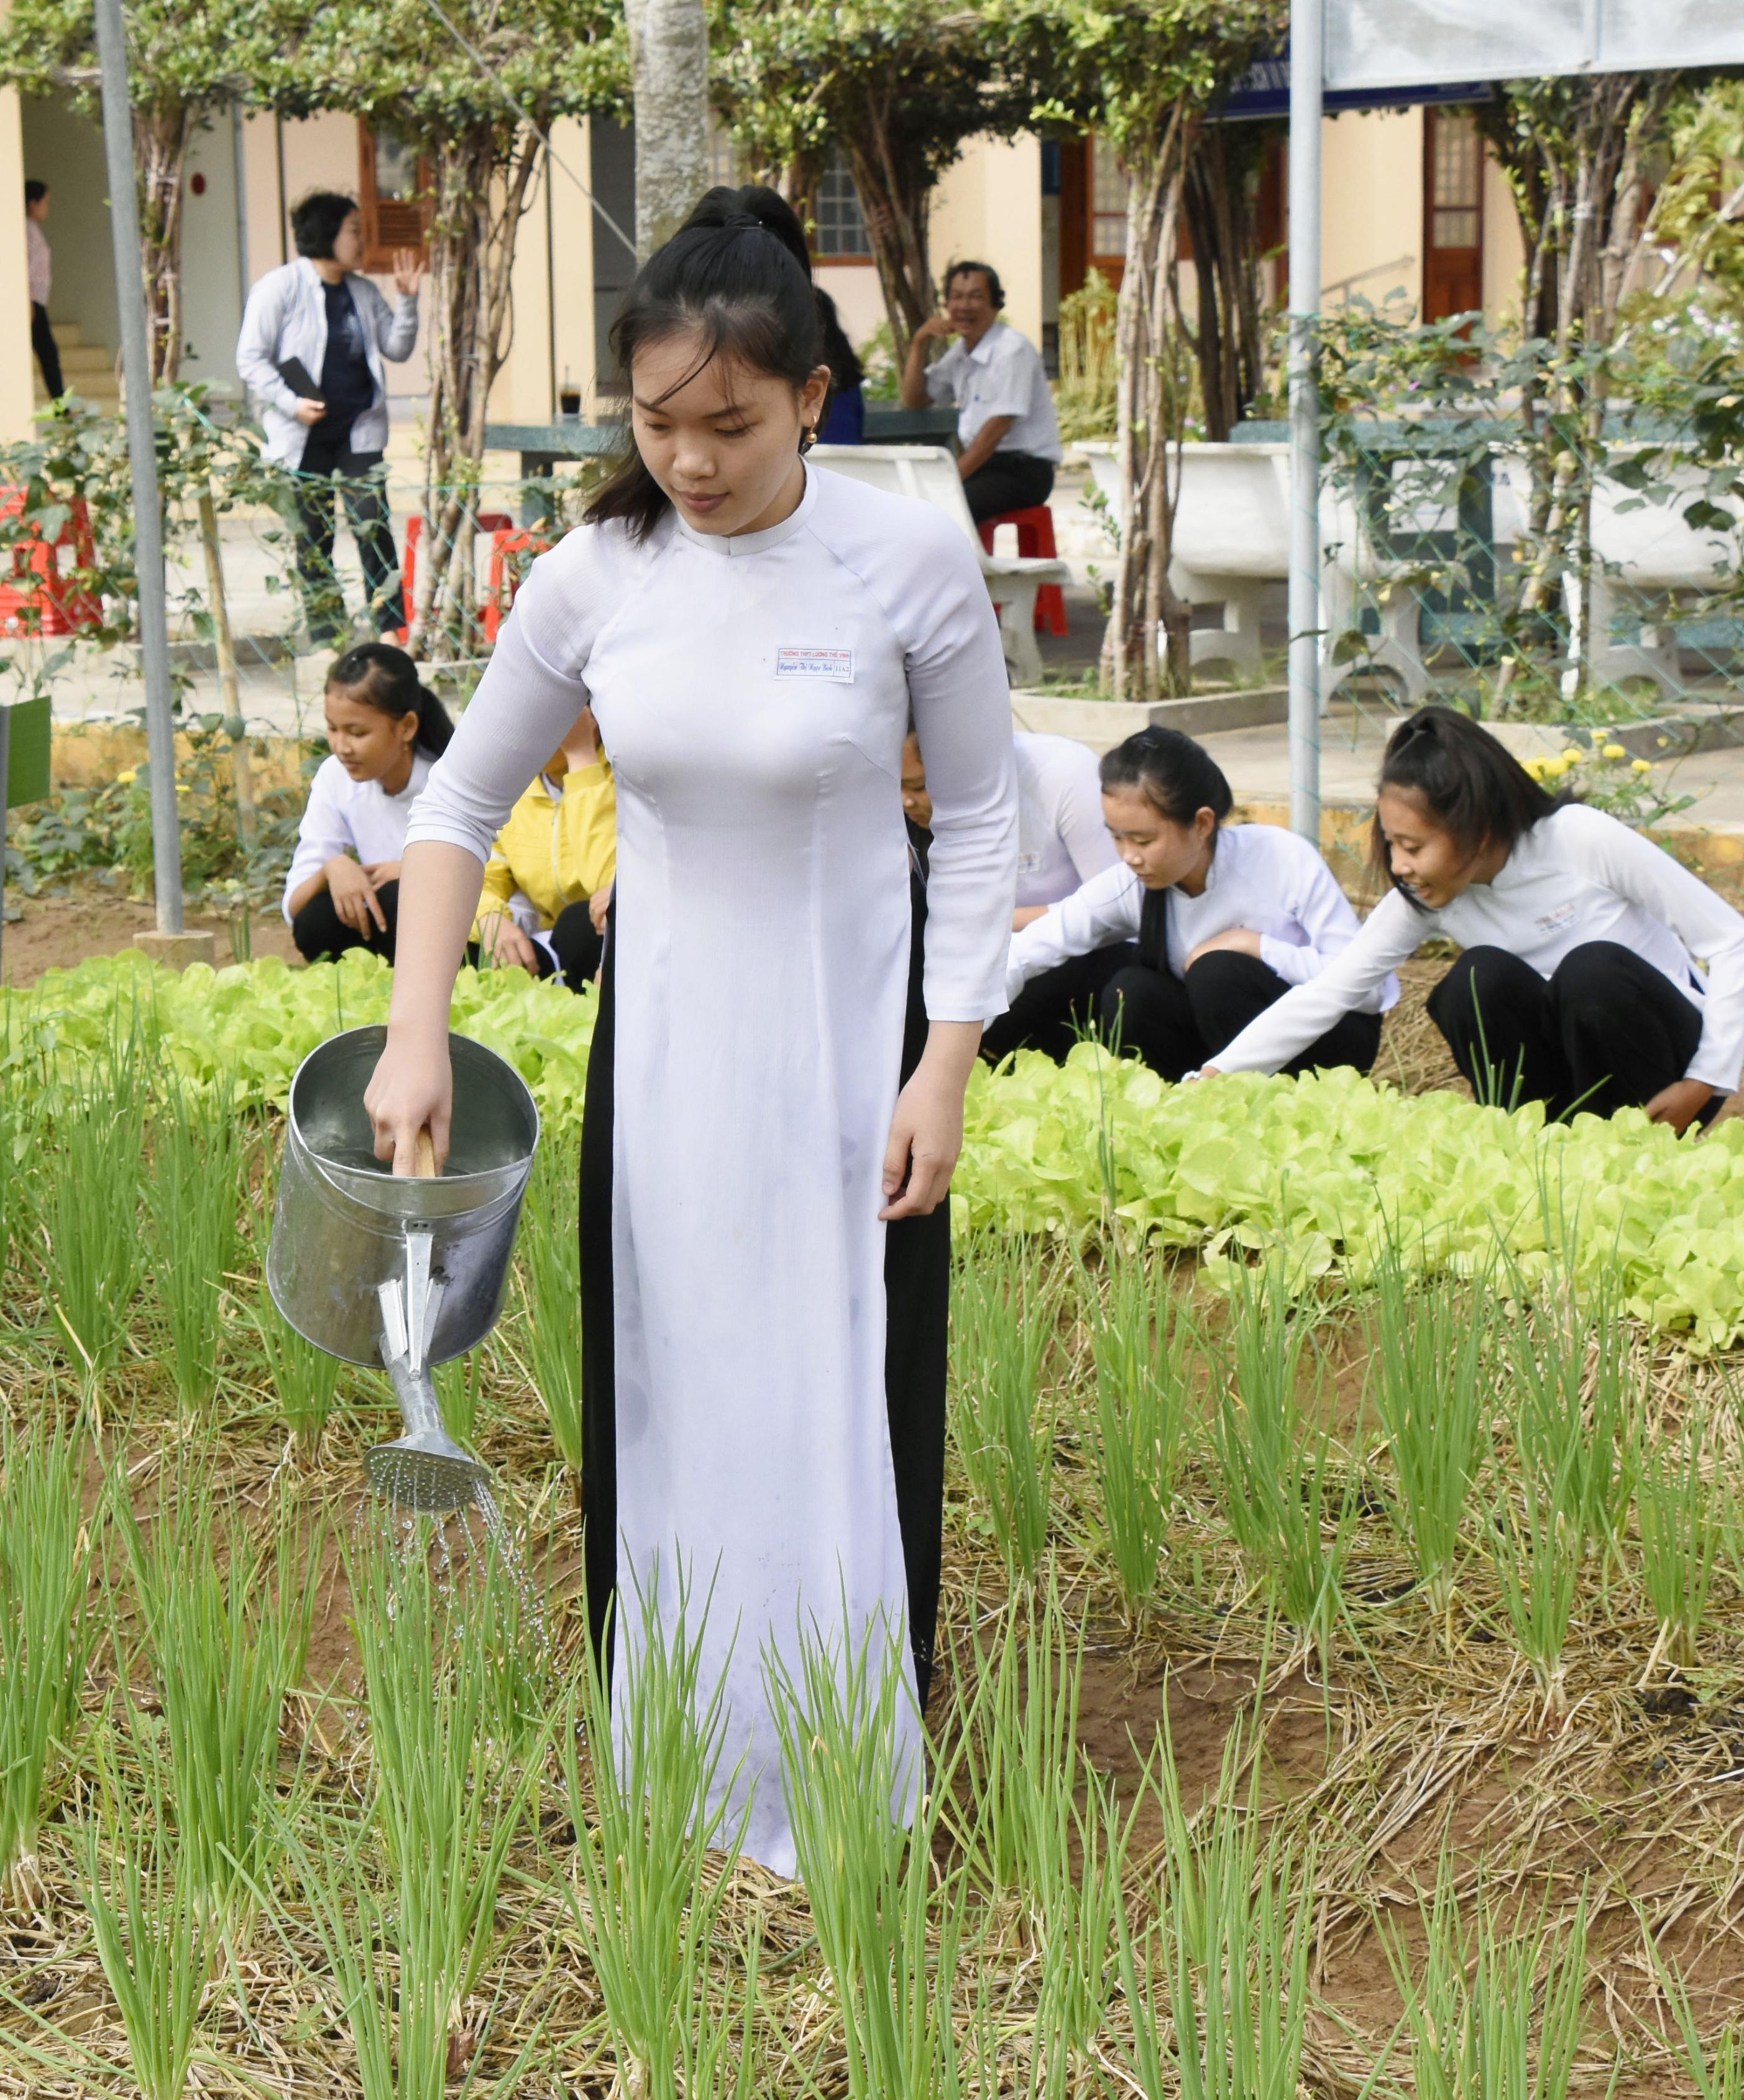 校庭に作られた菜園で、水やりをするルオンテービン高校の生徒。収穫した野菜は地元の市場で売られ、食卓に並ぶ